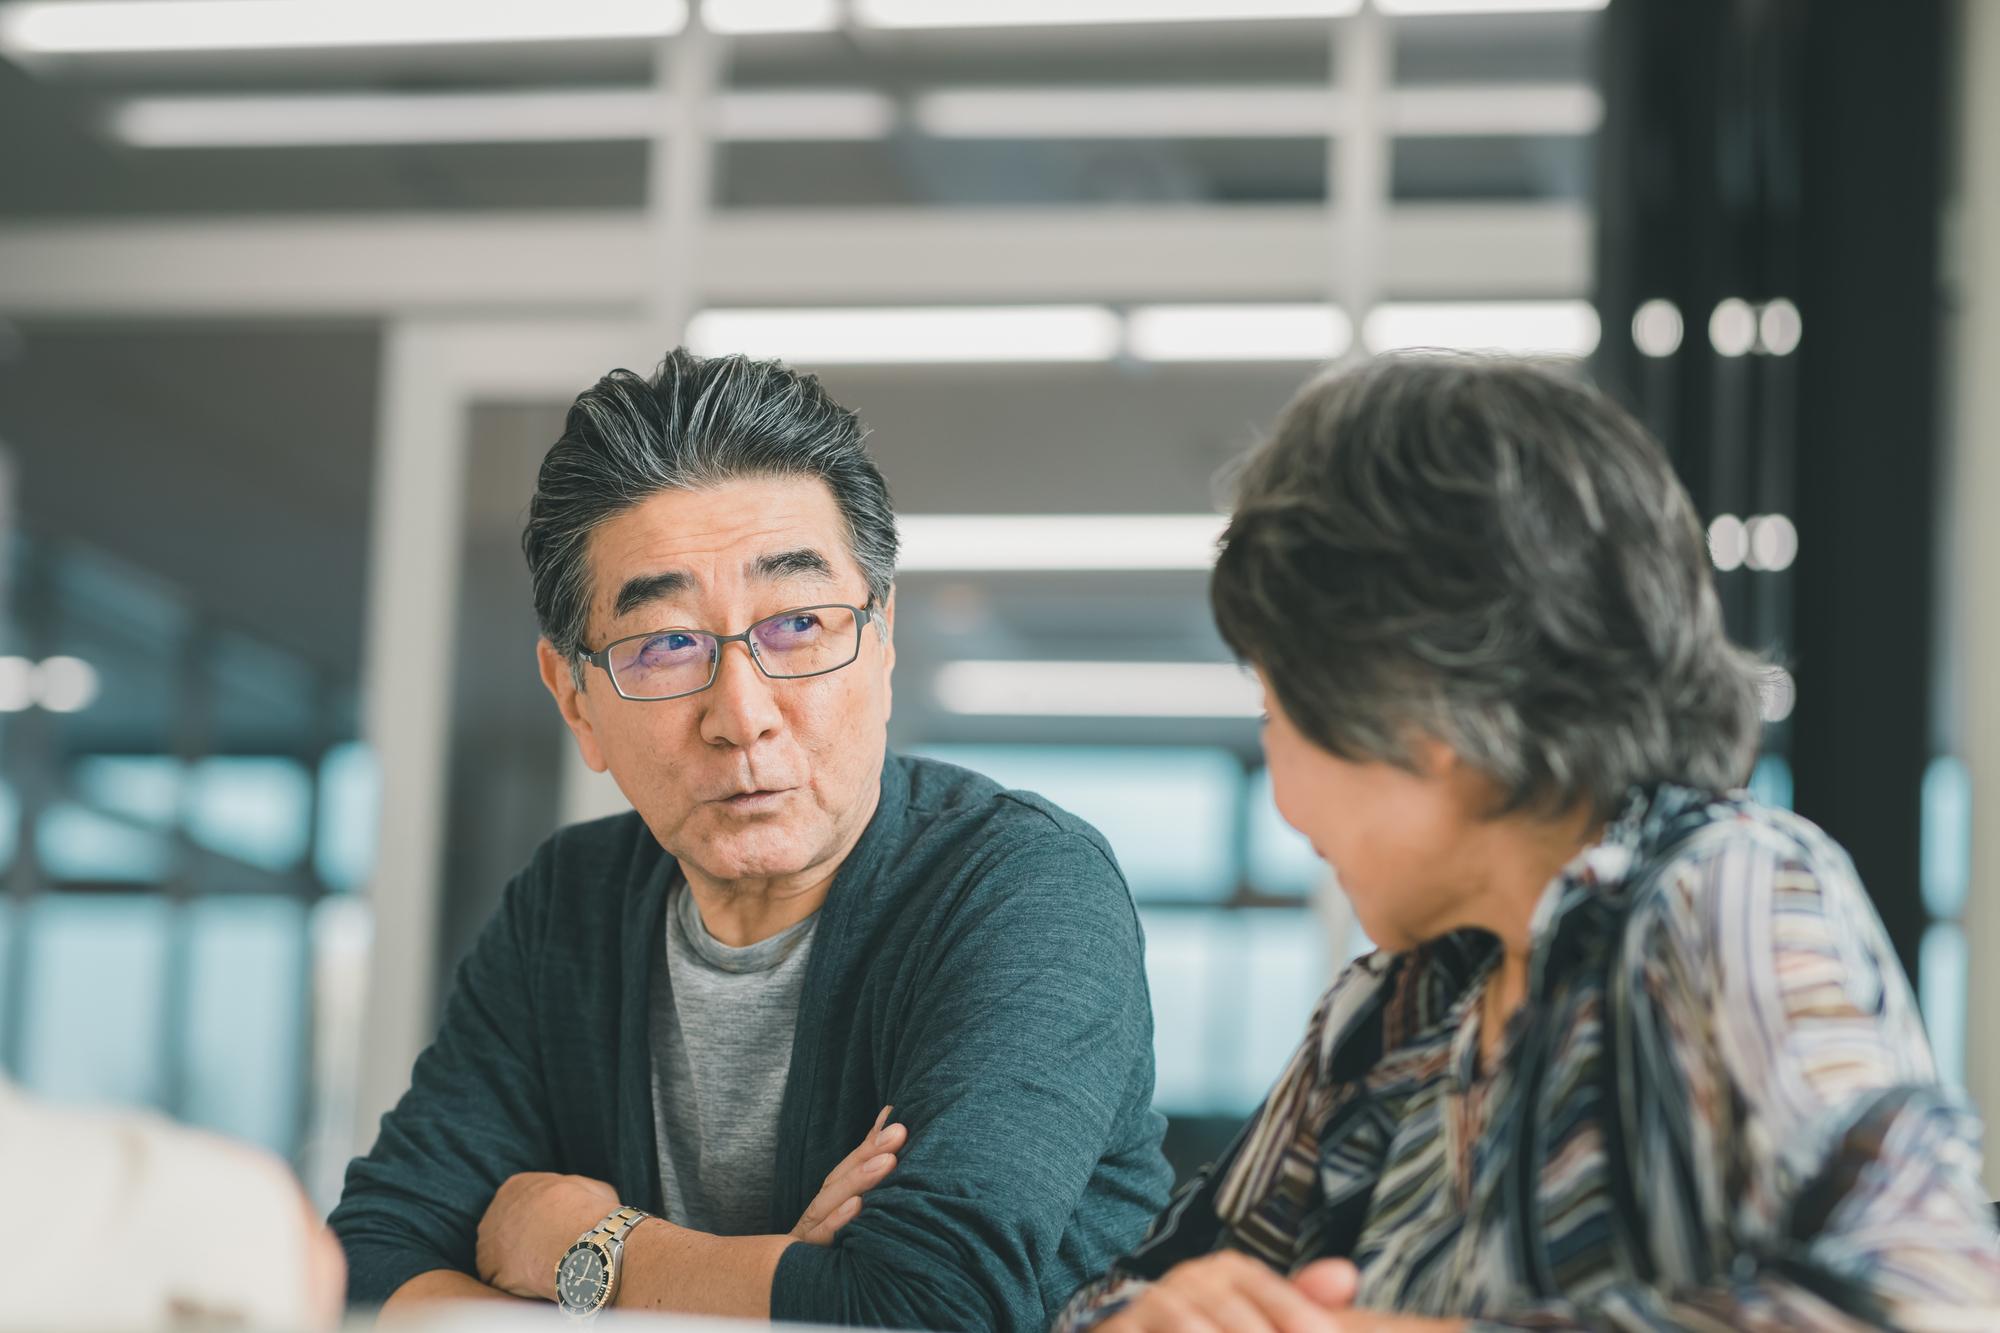 【年齢制限に注意】生前贈与で使える特例をわかりやすく解説 - 相談オナヤミ相談 花沢事務所